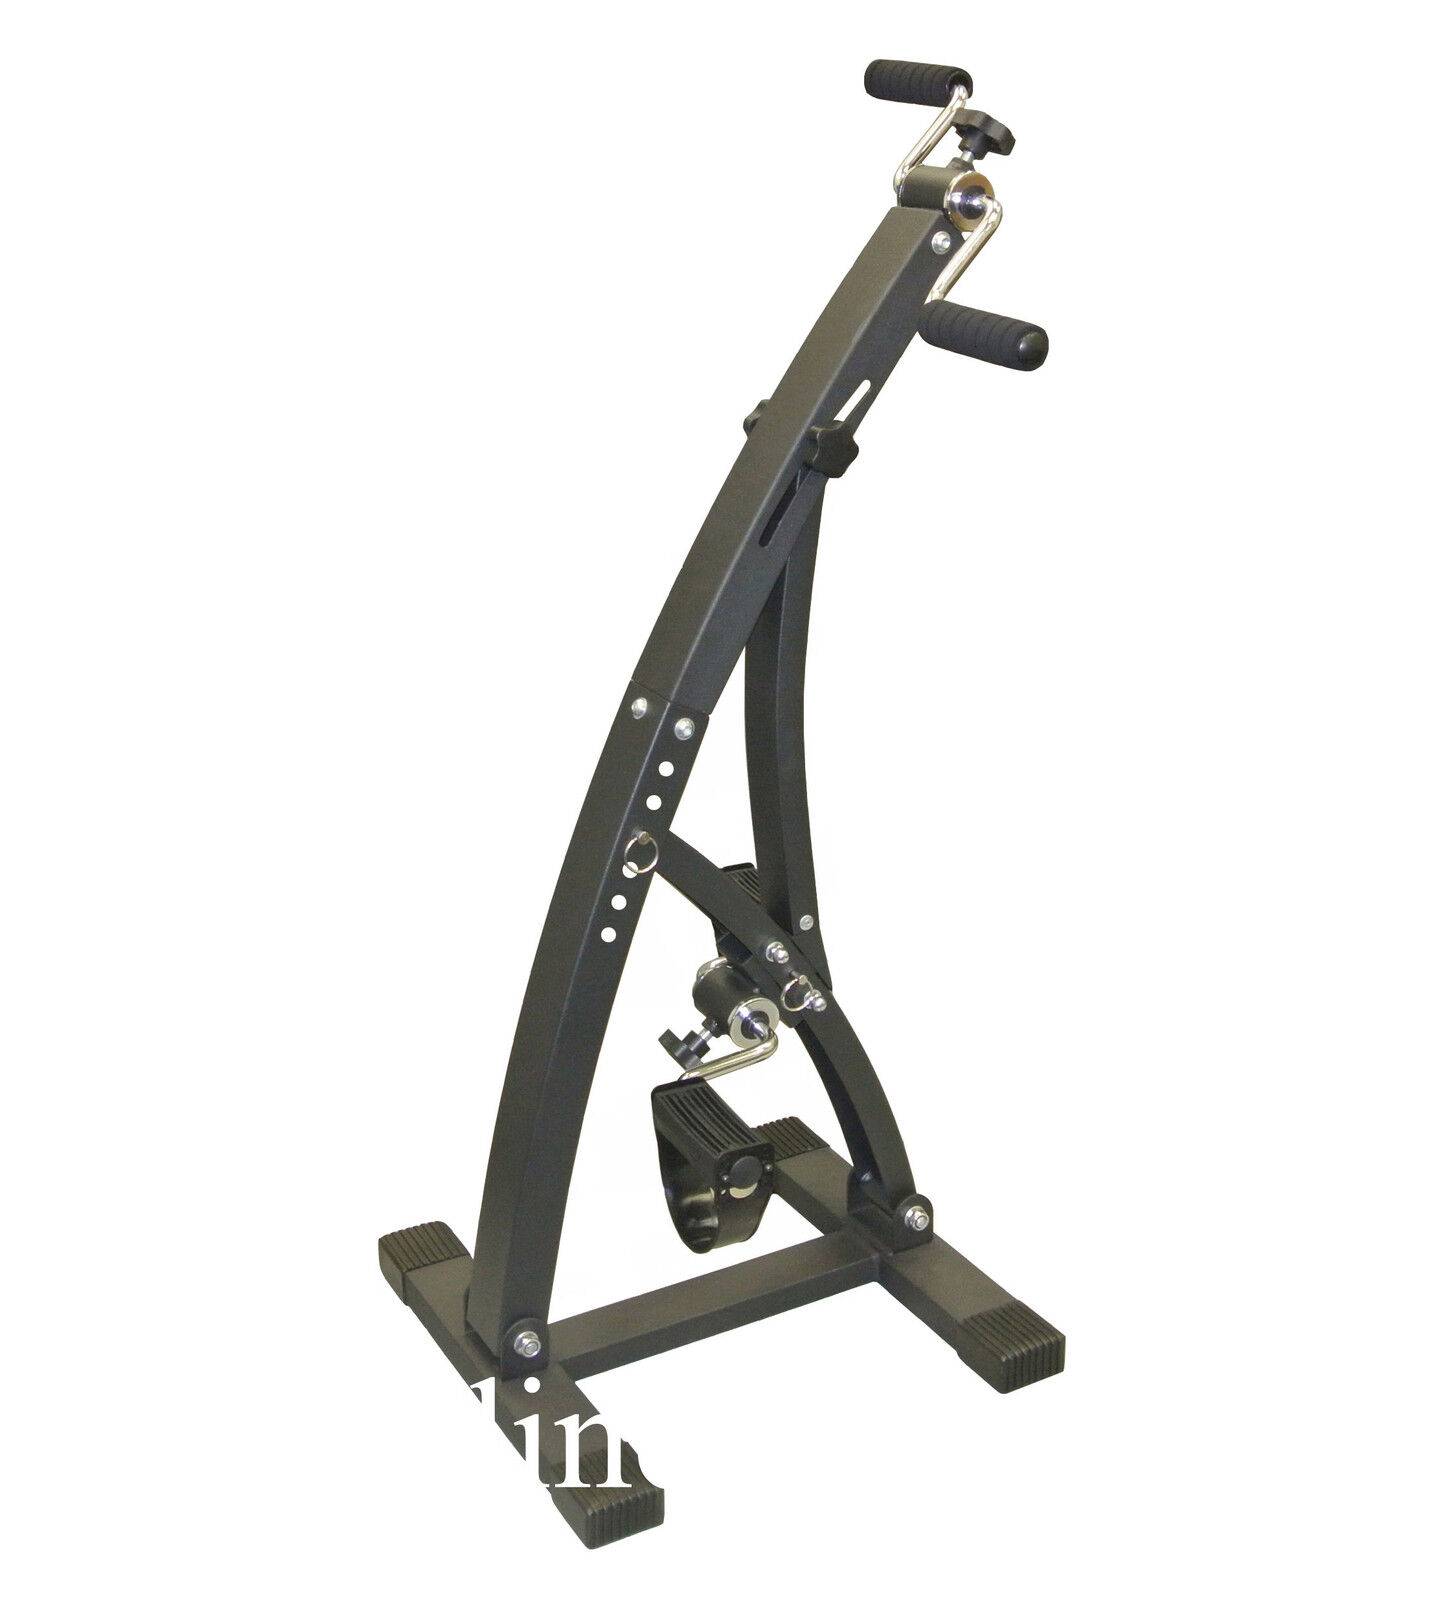 BetaFlex HomePhysio Total-Body Malibu  Bike KH5220629  novelty items